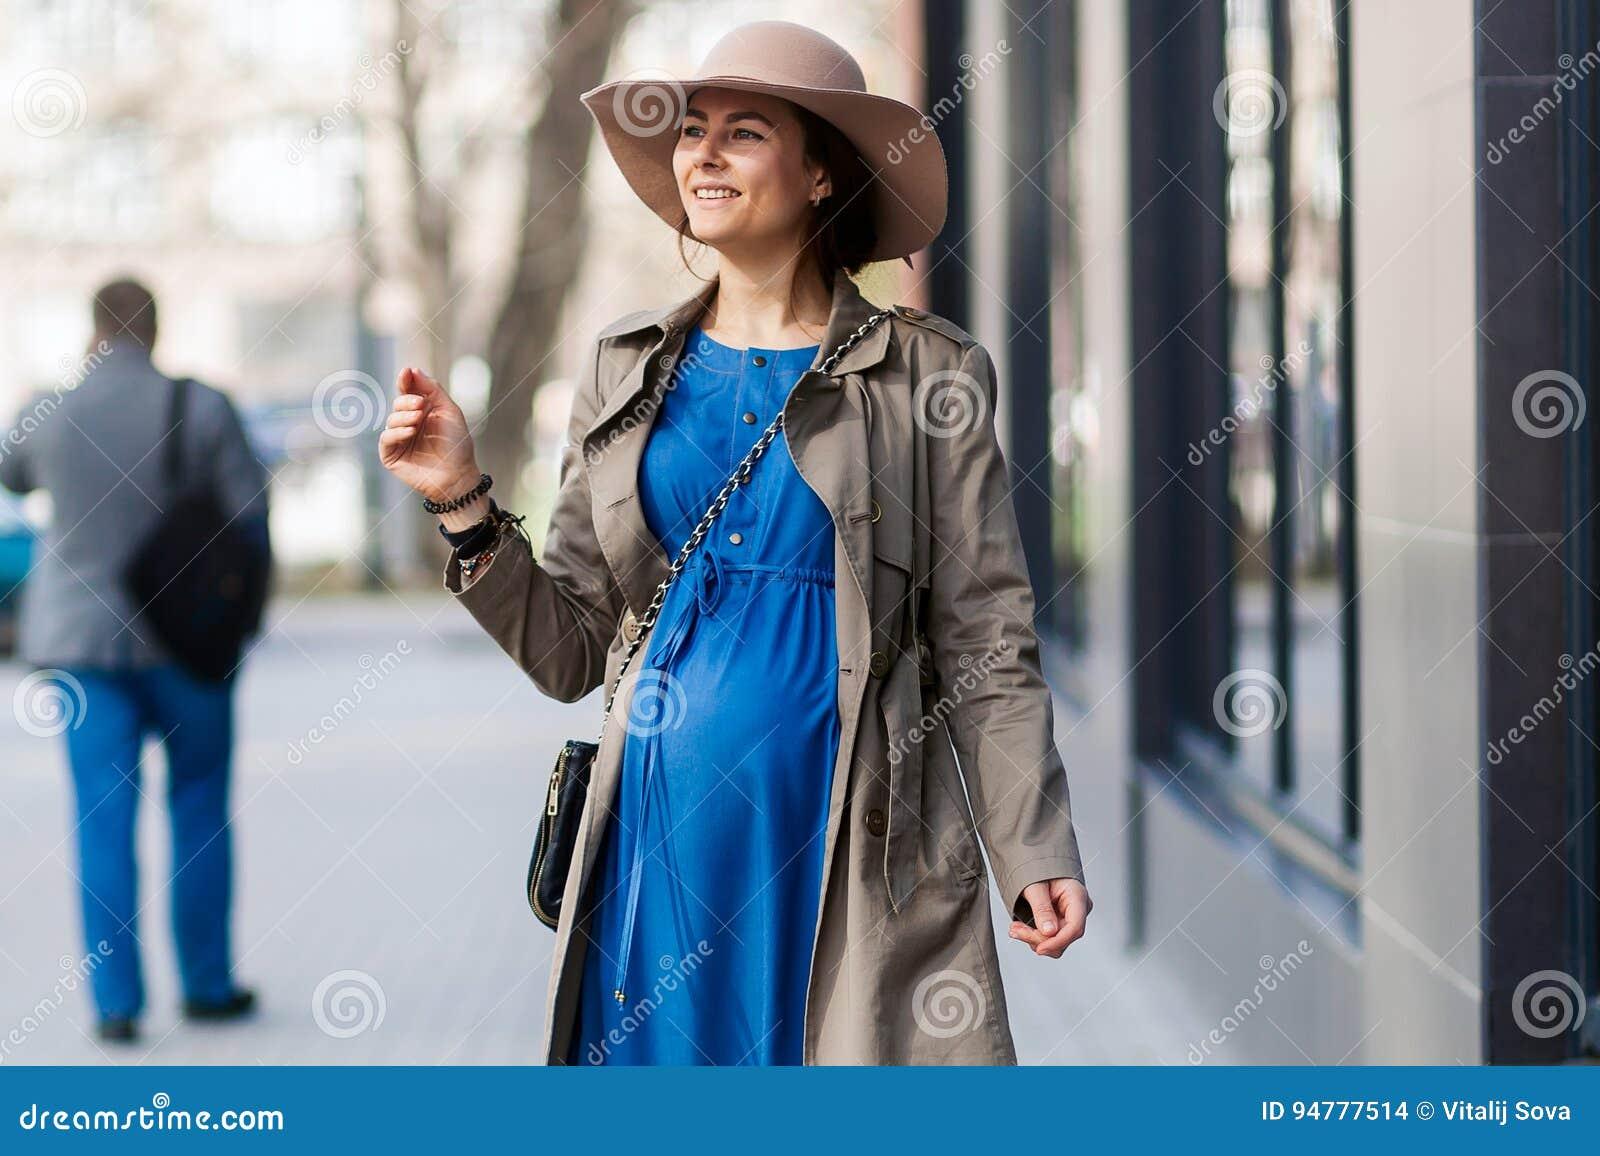 470512206e3 Estilo elegante de una mujer embarazada en una ciudad moderna La moda  tiende para las mujeres embarazadas